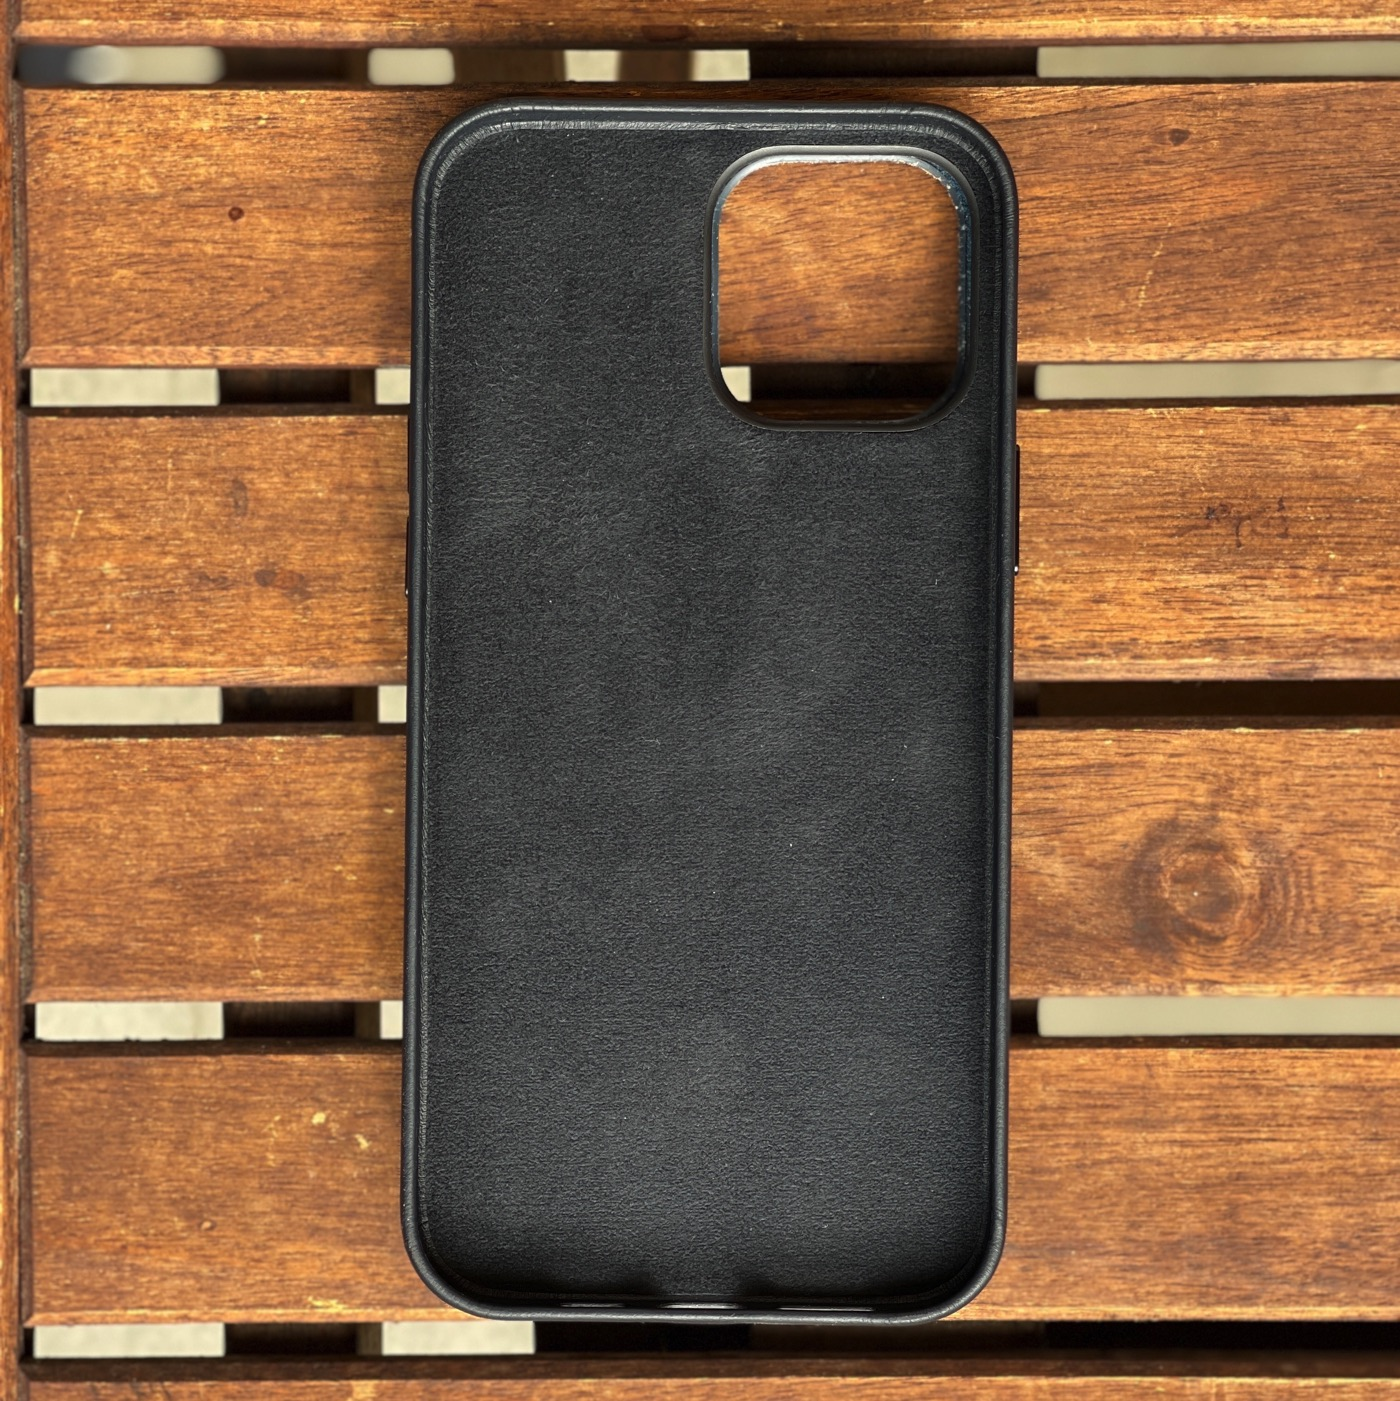 L'iPhone 13 Pro Max è un gigante un po' meno unico